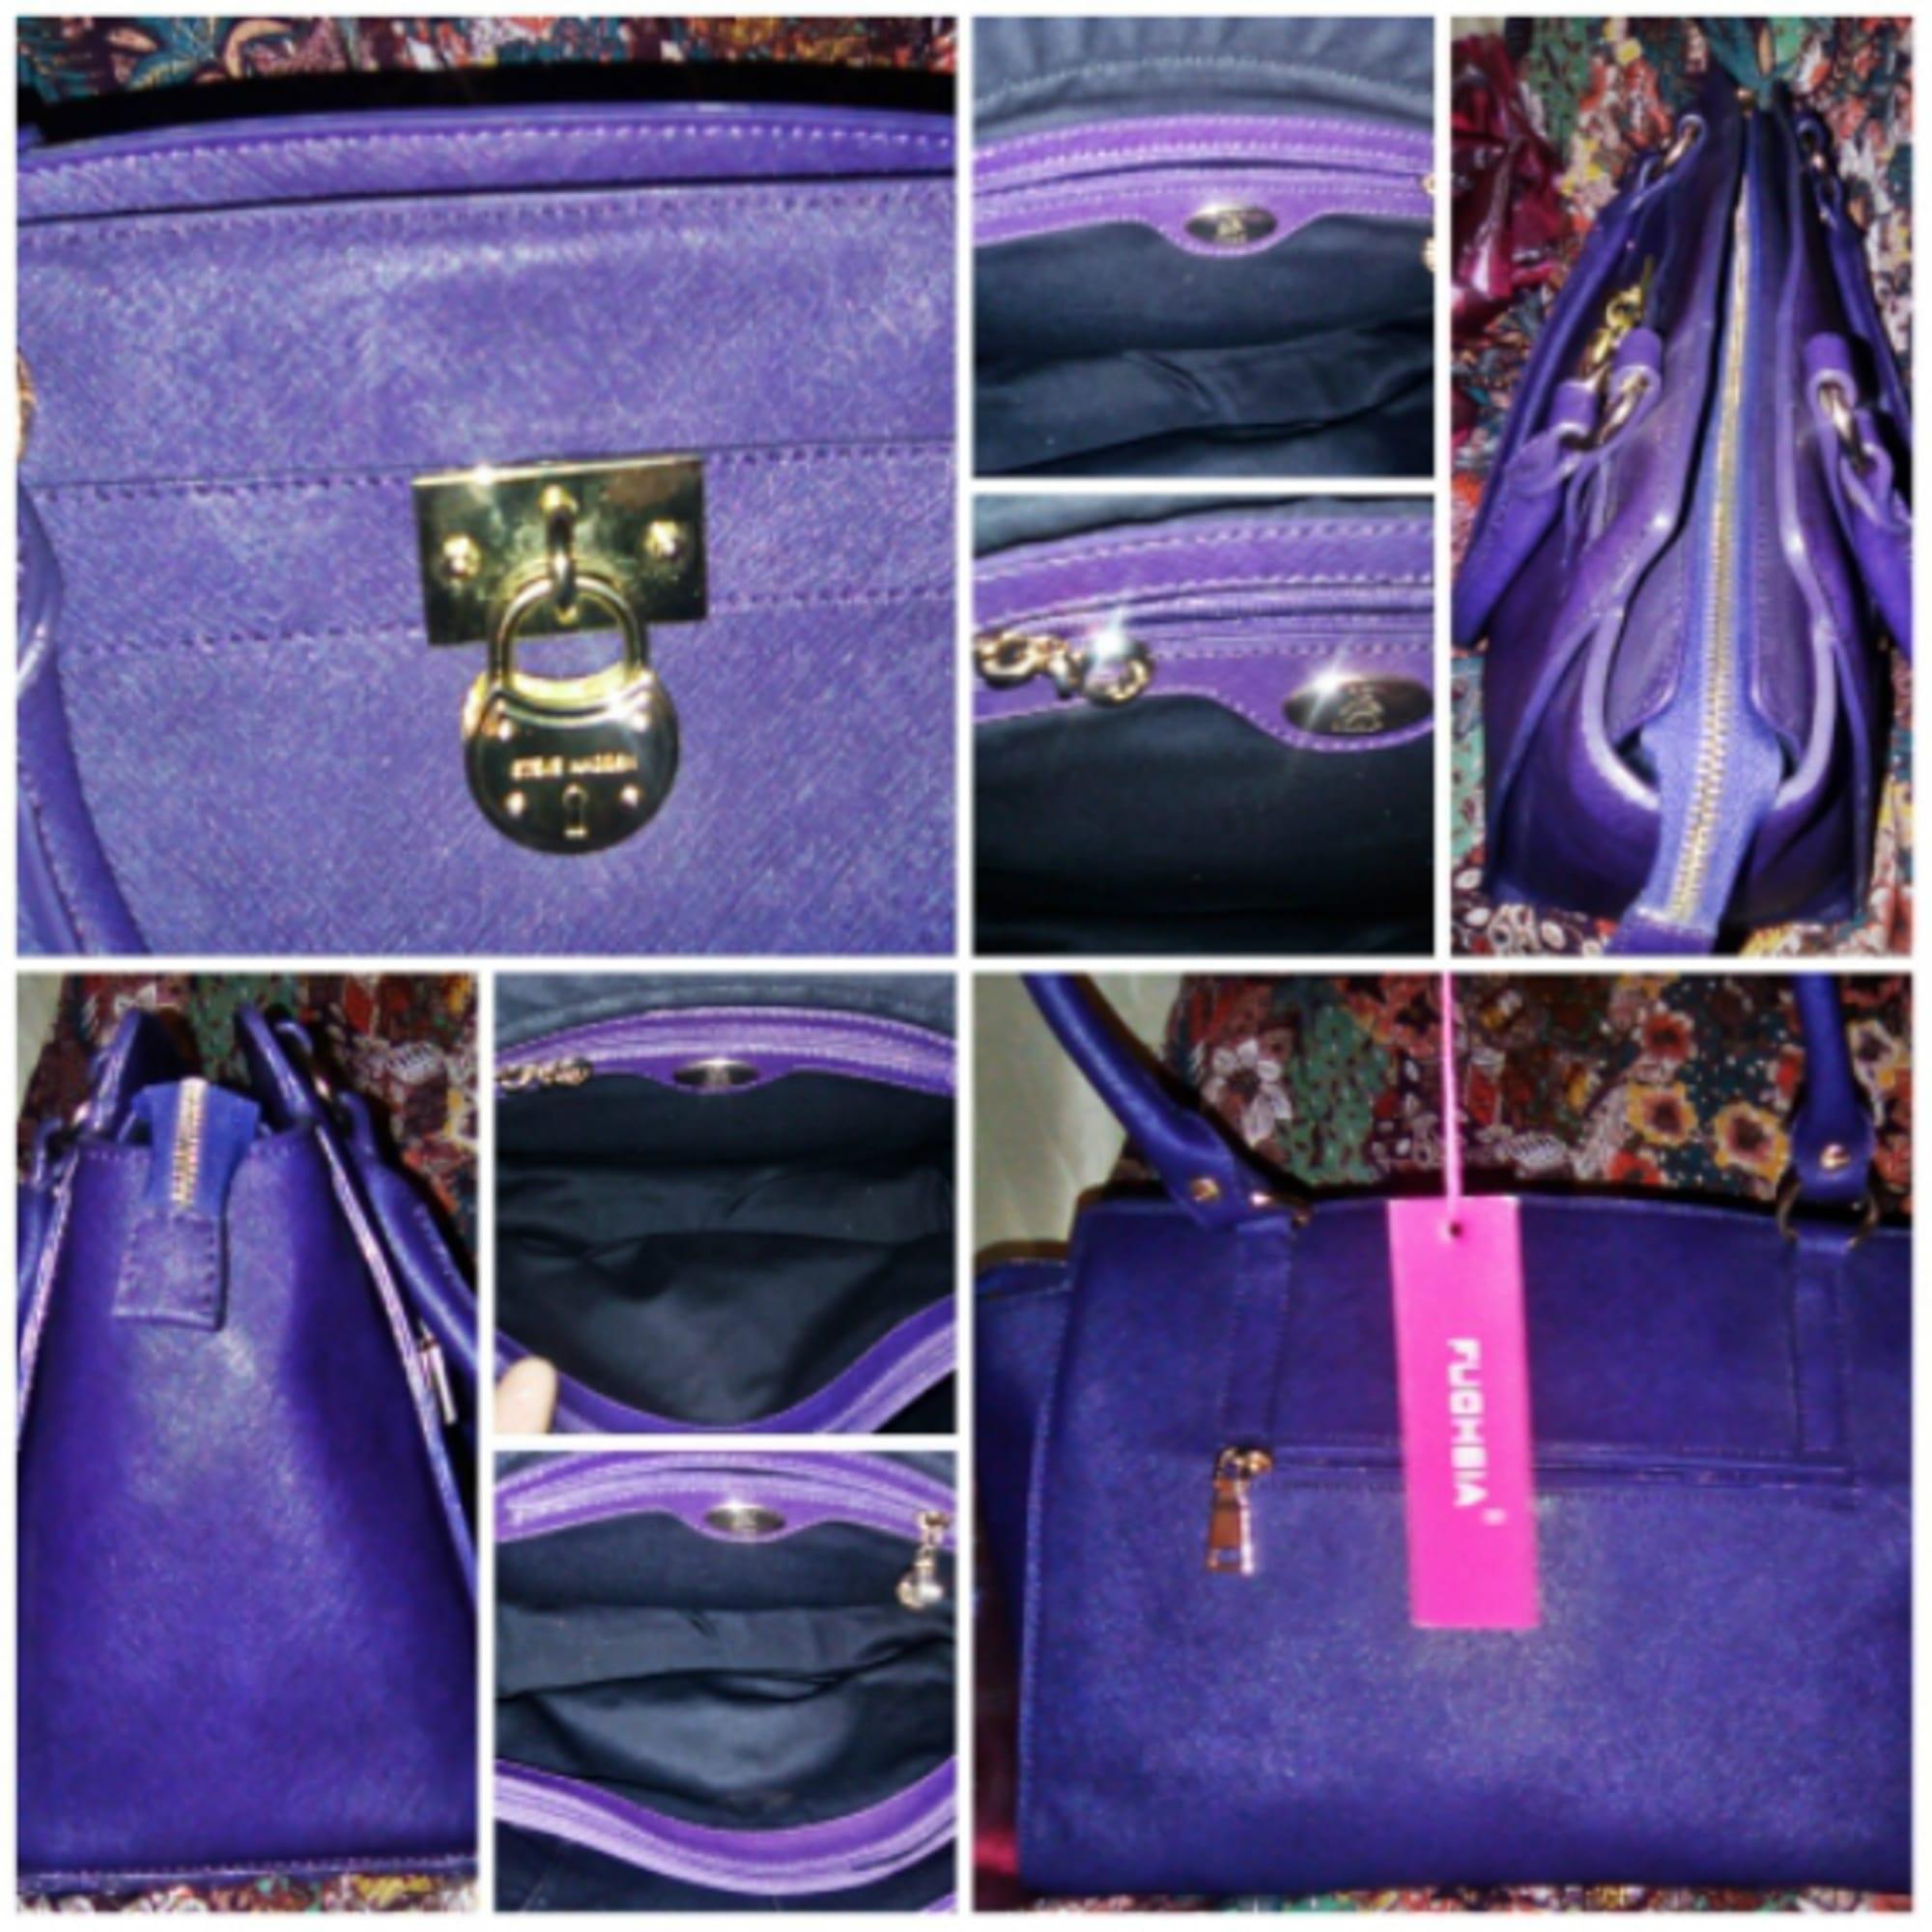 En Cuir Sac À Violet Main Fuchsia Paris 7008369 IeWYEH2D9